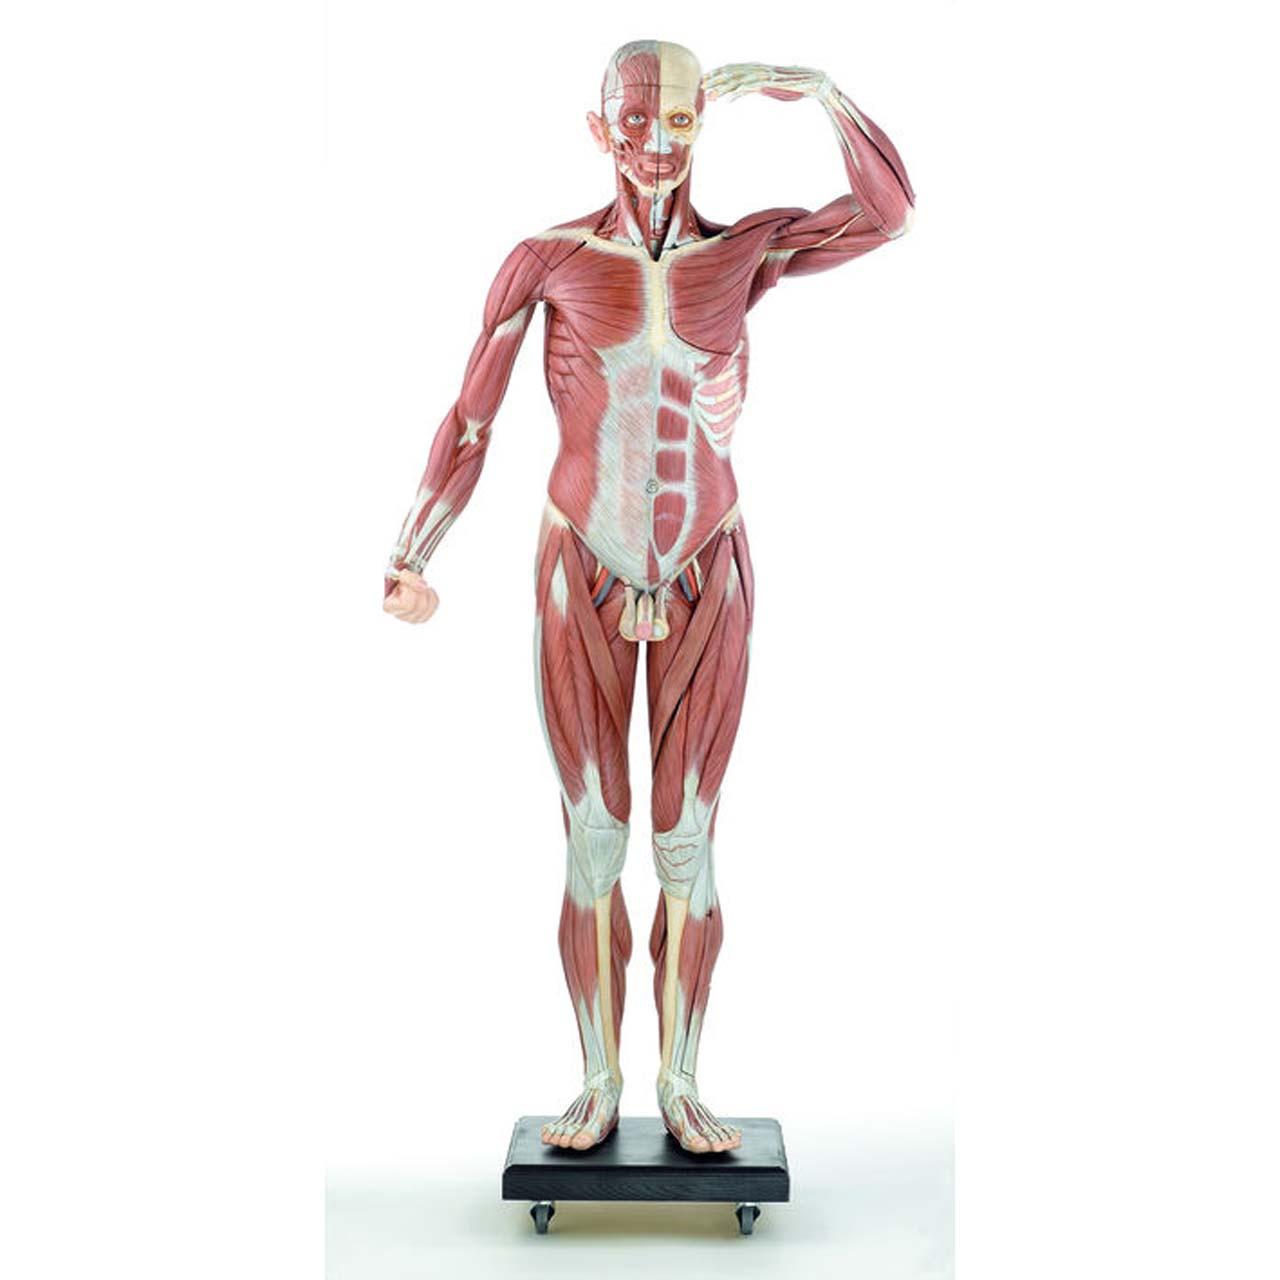 A2/07 - Male Muscle Figure